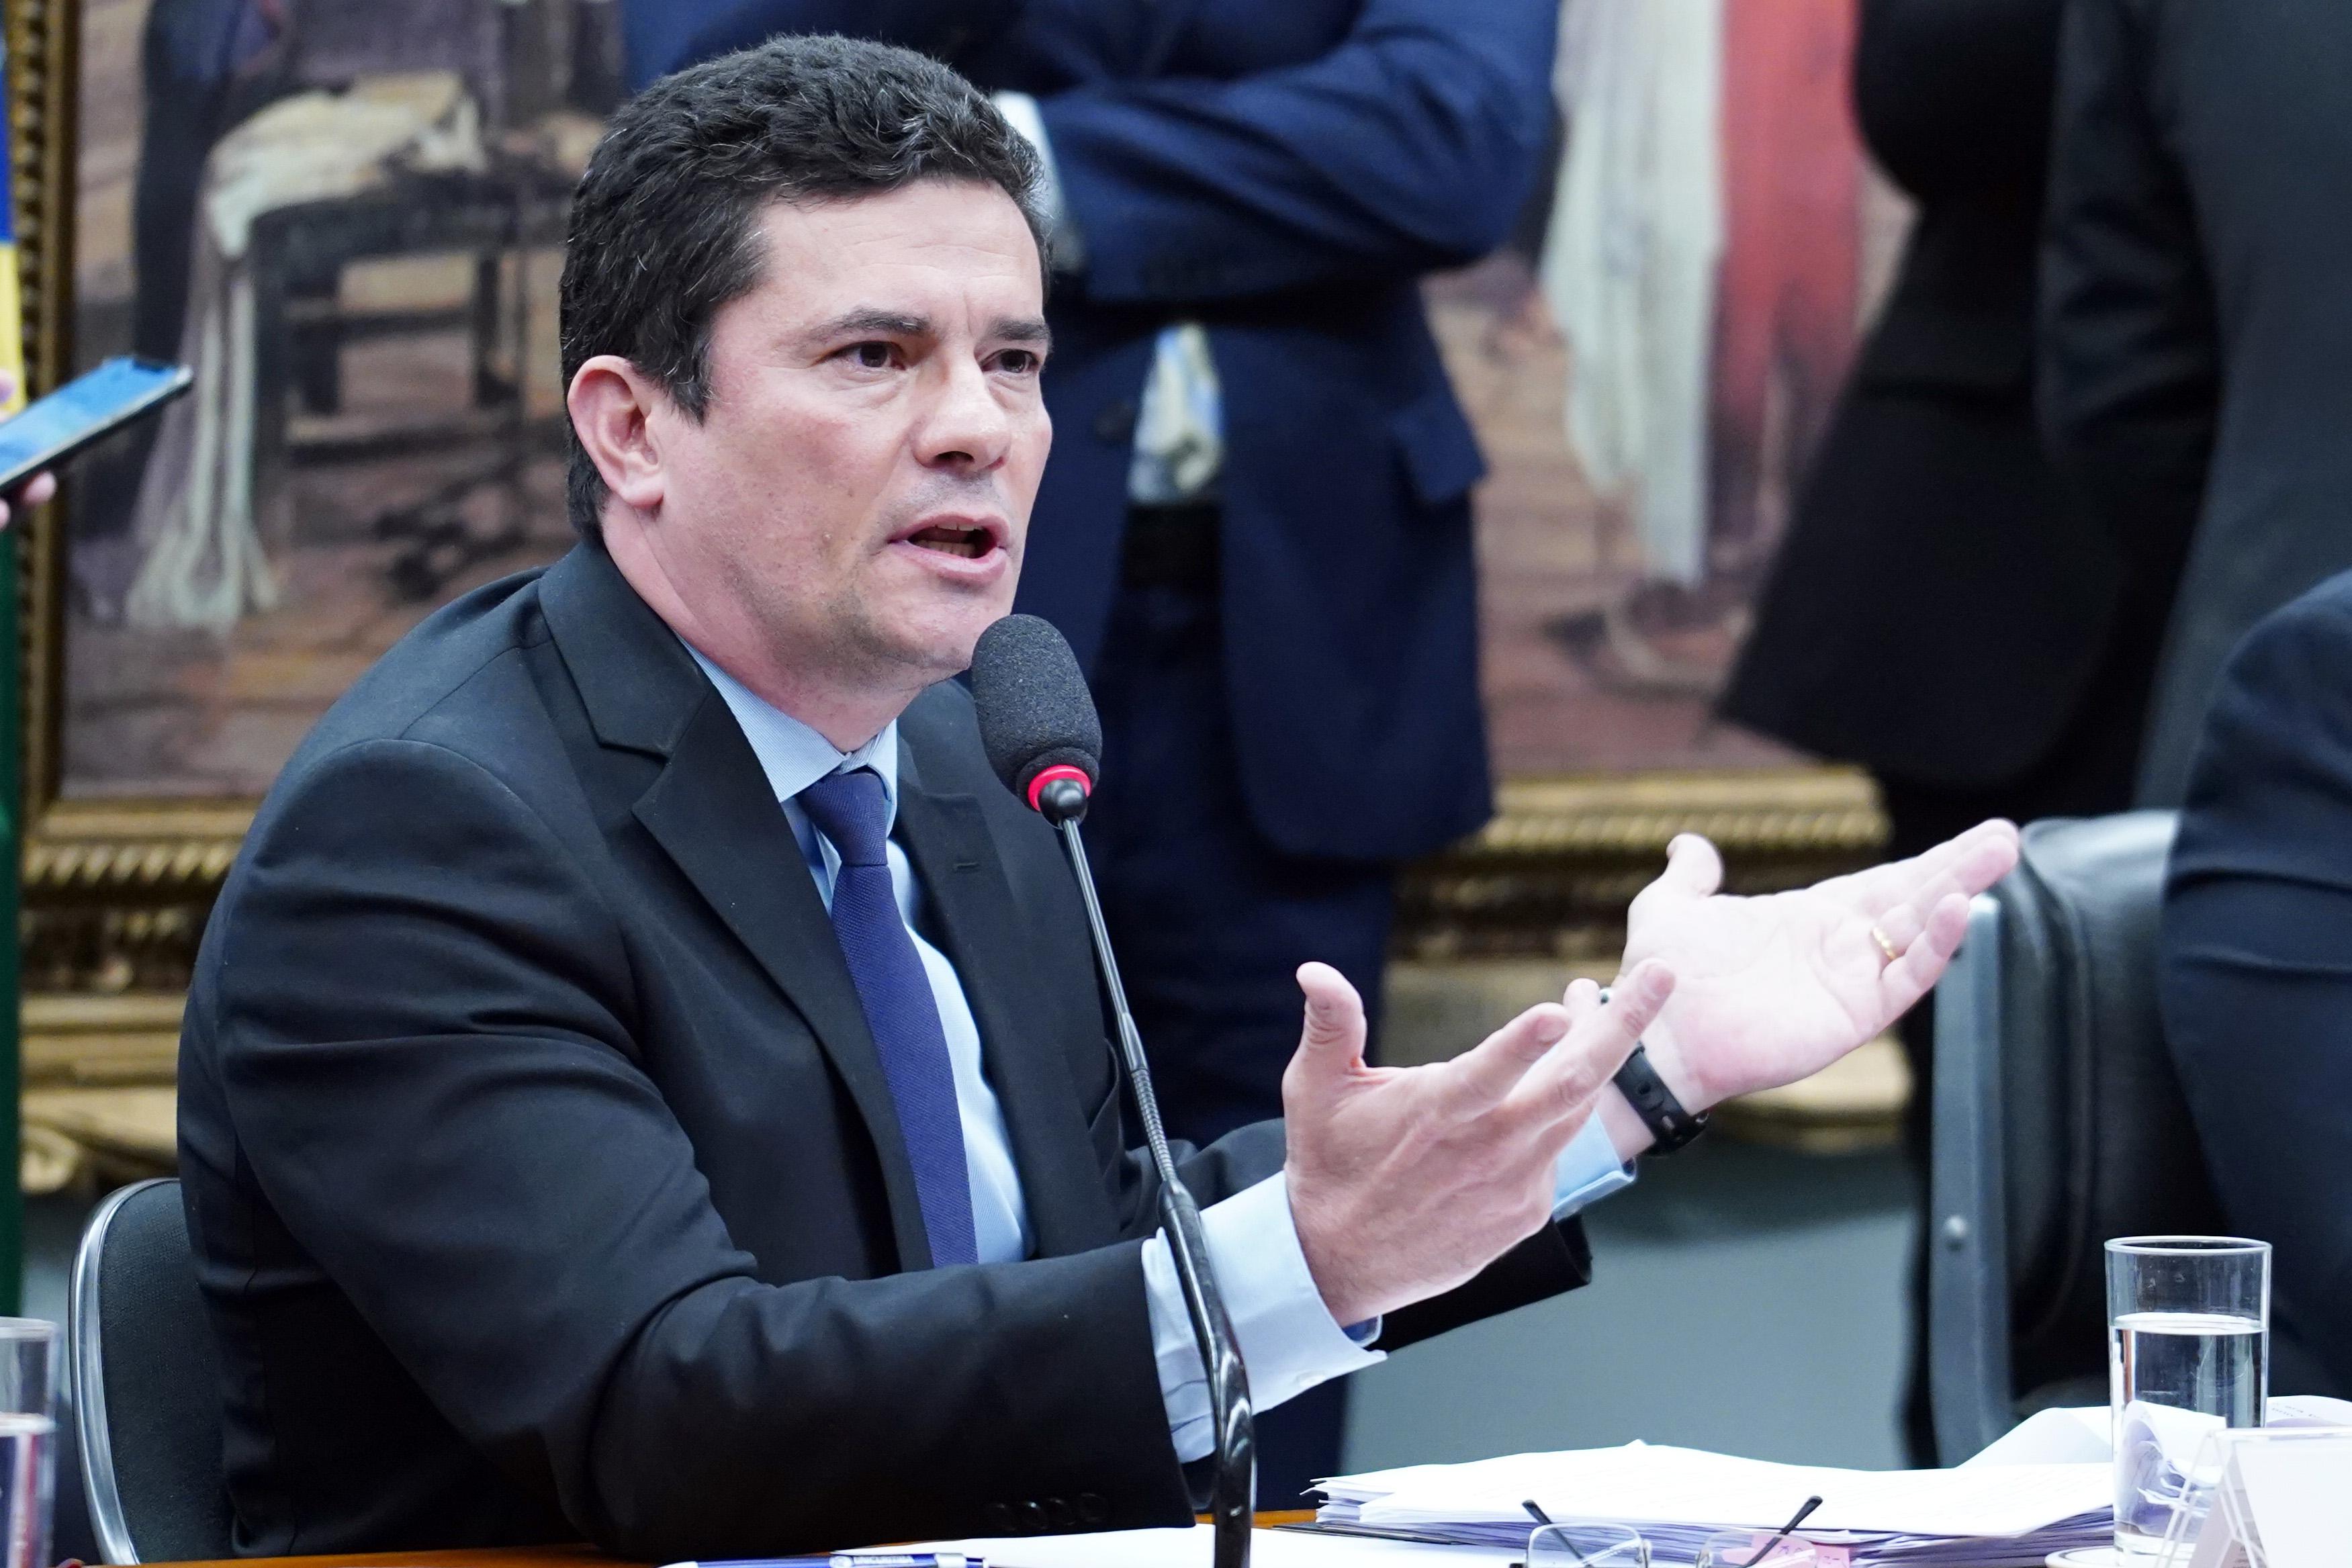 Reunião sobre o material publicado pelo The Intercept Brasil. Ministro da Justiça e Segurança Pública, Sérgio Moro